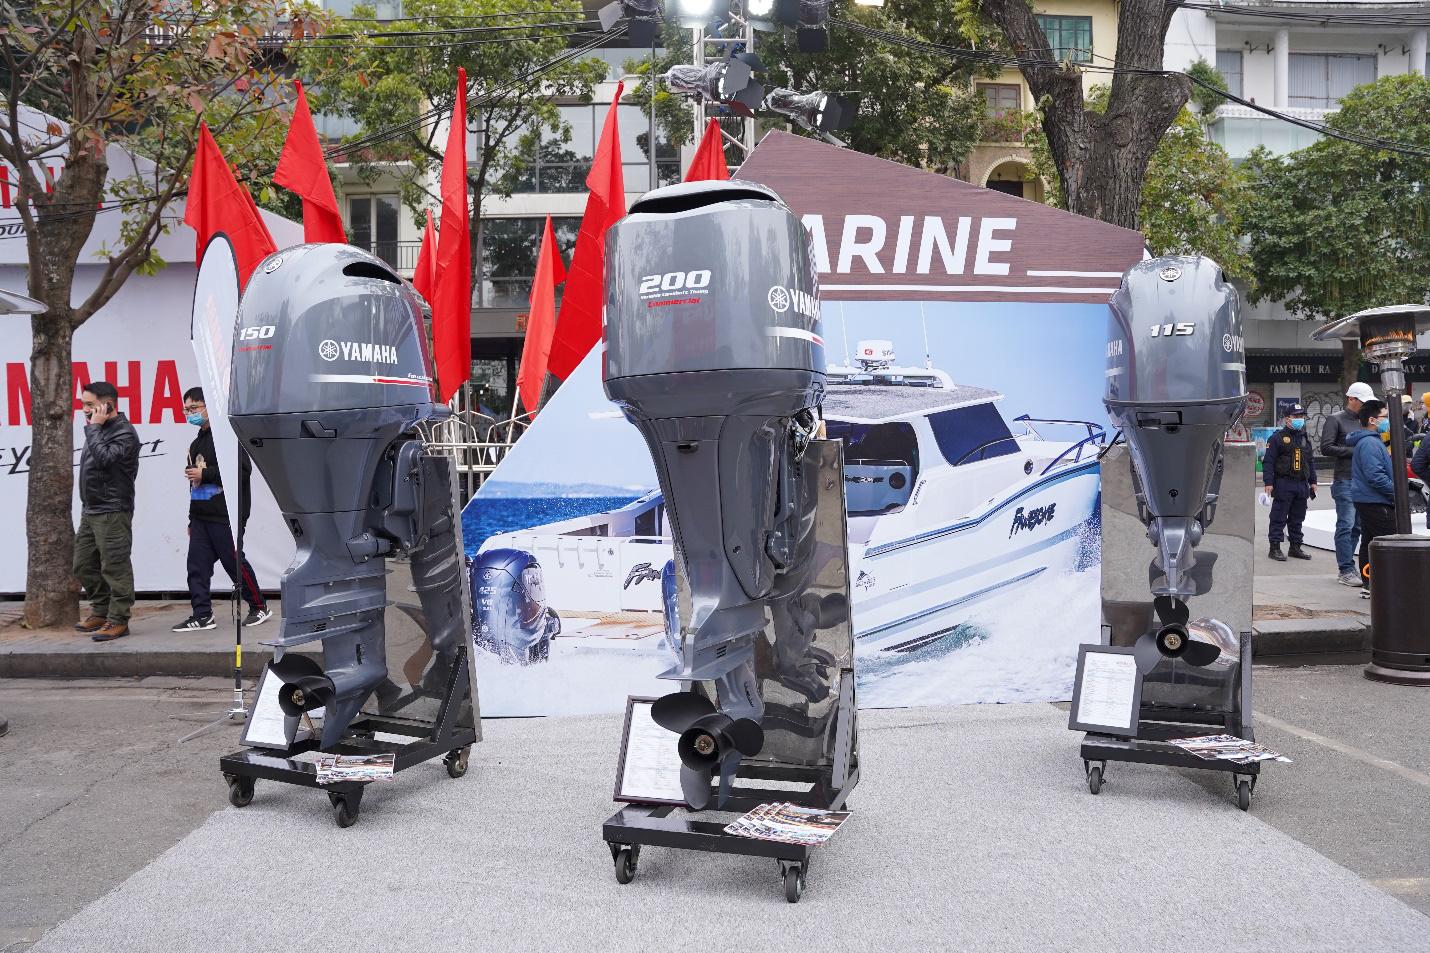 Yamaha Motor tiên phong tạo ra triển lãm motor show theo phong cách riêng chưa từng có tại Việt Nam - Ảnh 6.